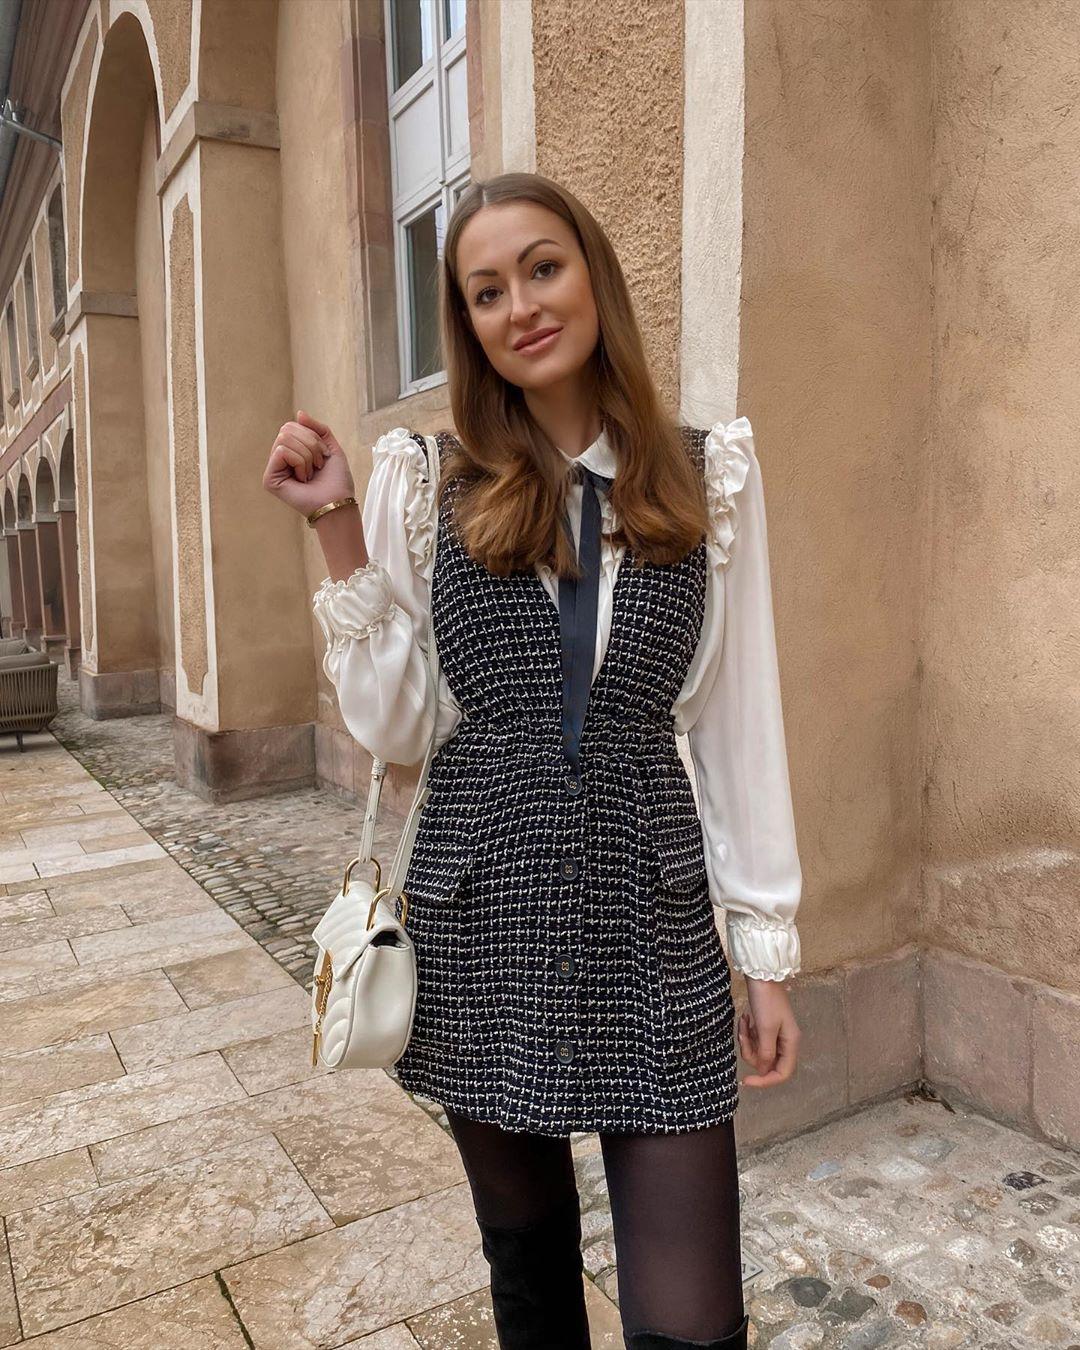 tweed bib overalls dress de Zara sur rosaandthecity